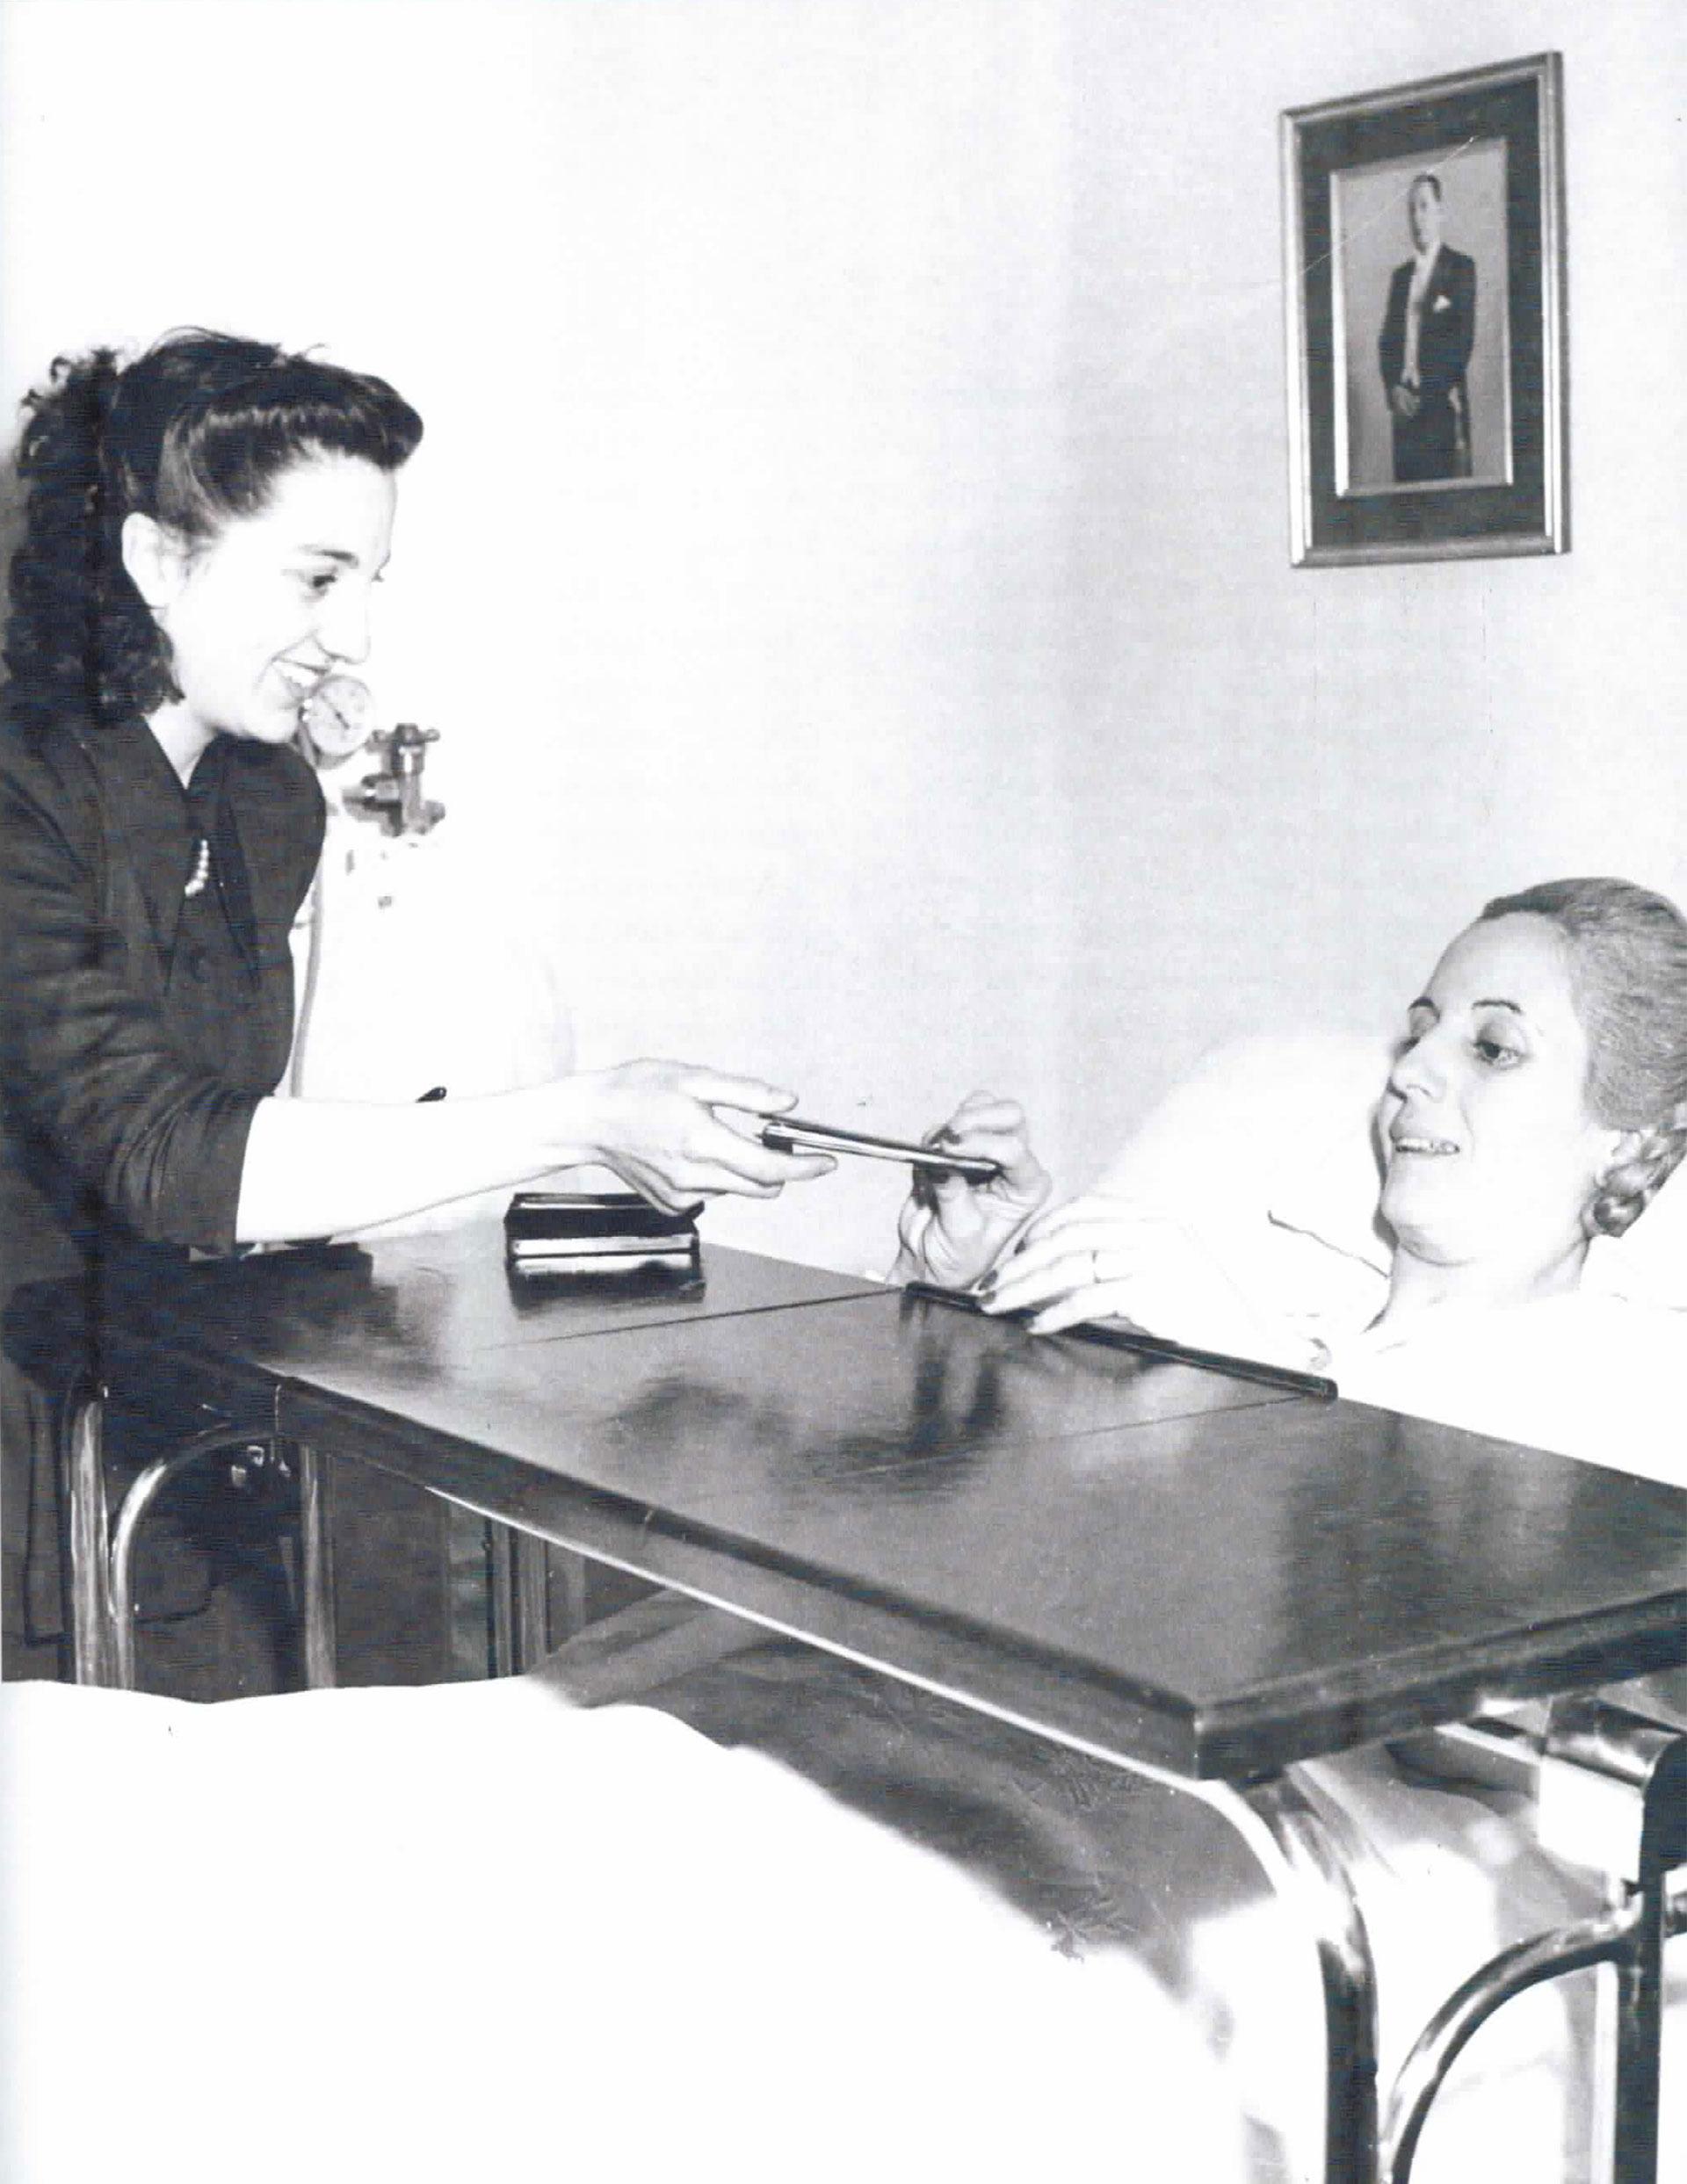 El 11 de noviembre de 1951, como las demás mujeres argentinas, Evita vota por primera vez. Pero ella debió hacerlo desde la cama del Hospital de Avellaneda donde estaba internada. Raúl Apold, subsecretario de Prensa y Difusión, le ordena a Fusco inmortalizar ese momento.